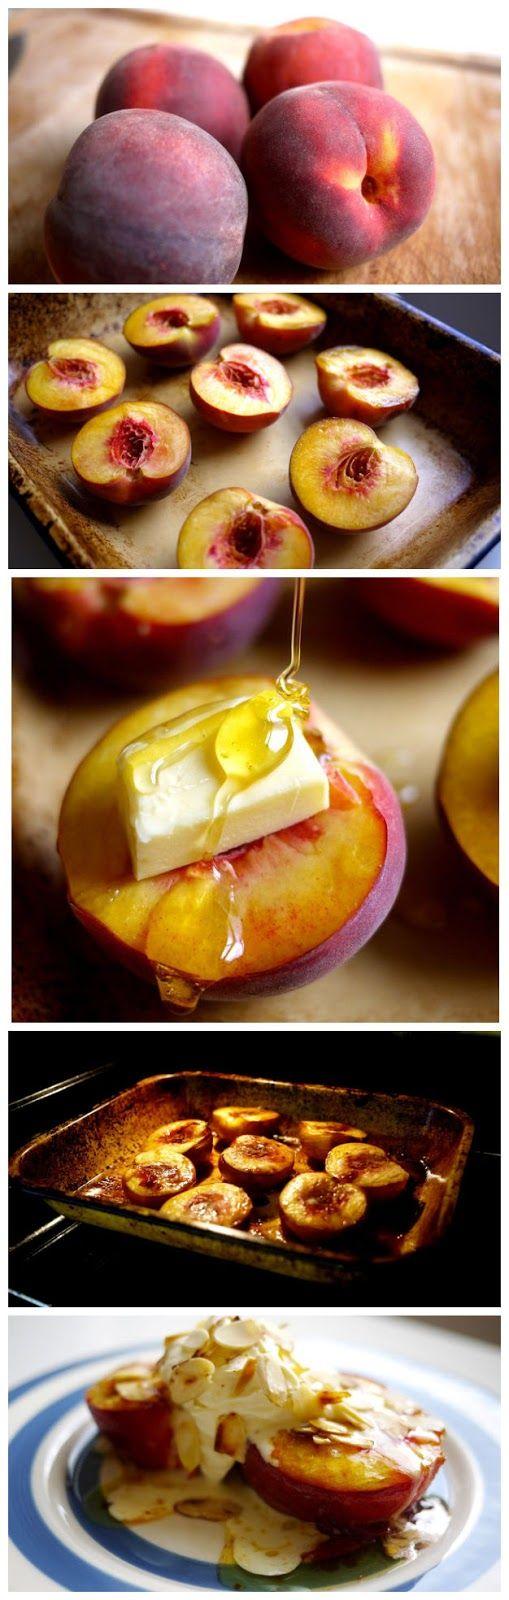 Honey Roast Peaches ❤︎ Yumm!